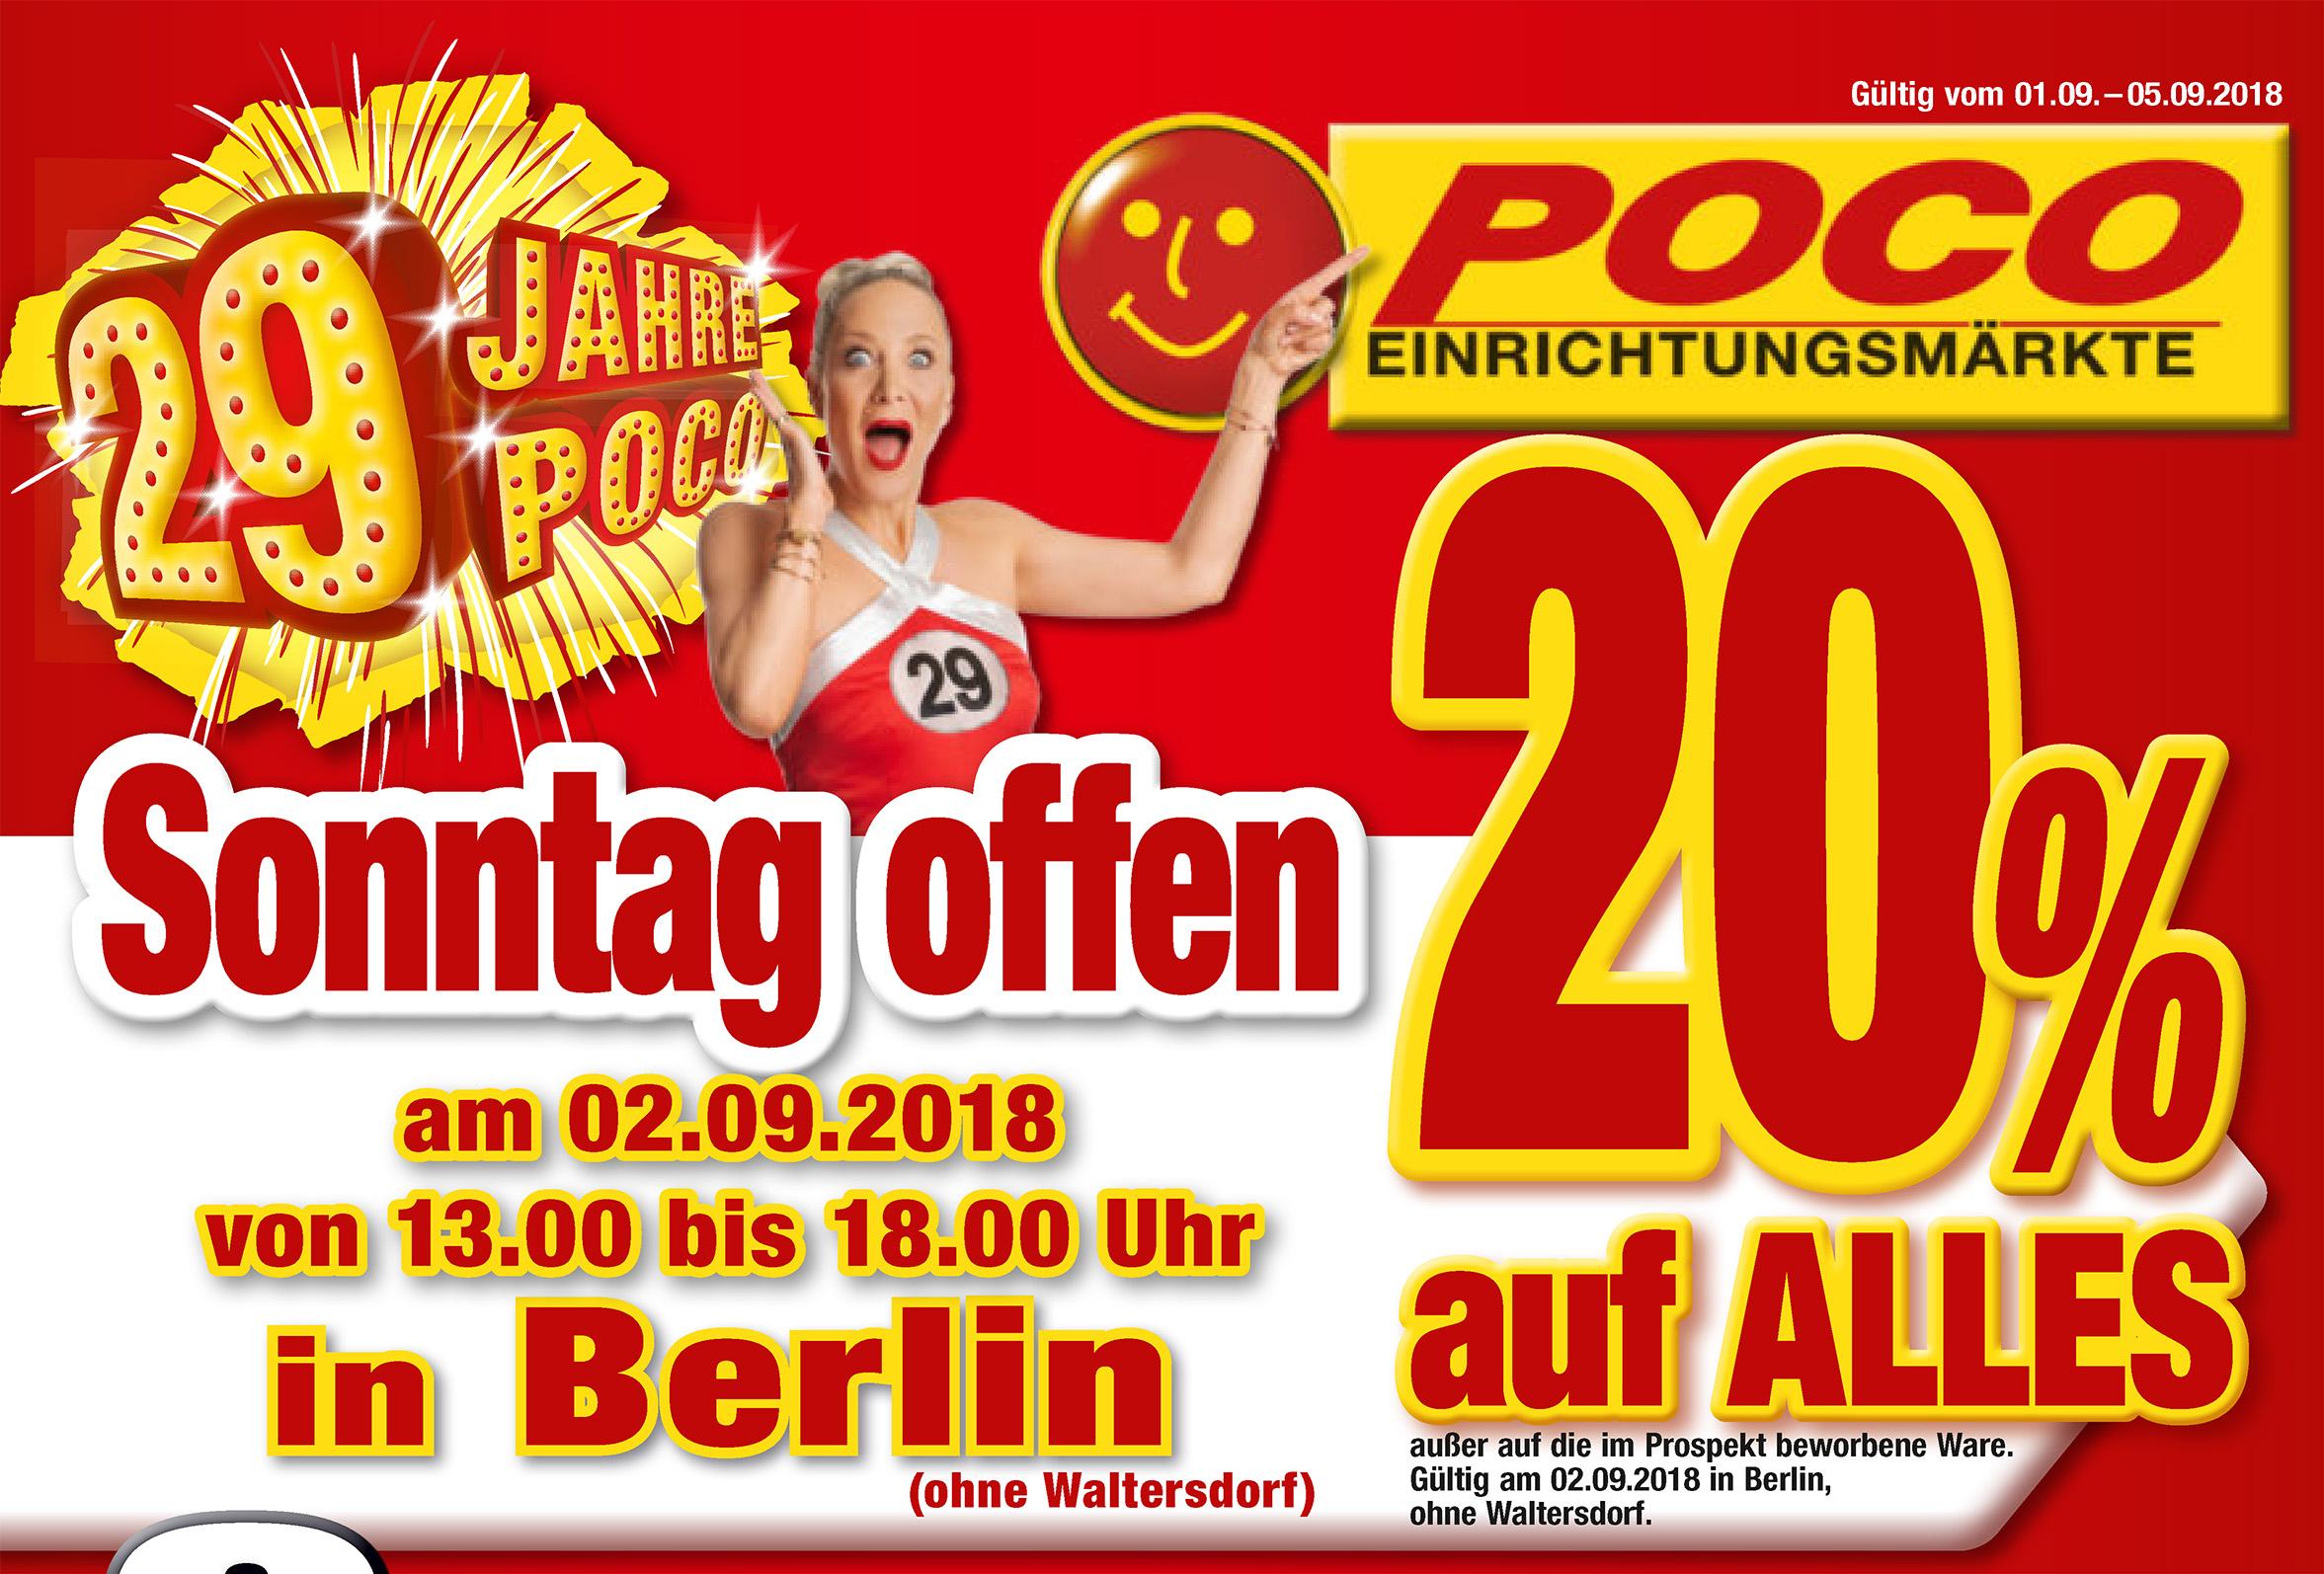 Lokal Berlin - Poco Einrichtungsmärkte - Sonntag 02.09 - 20% auf alles*